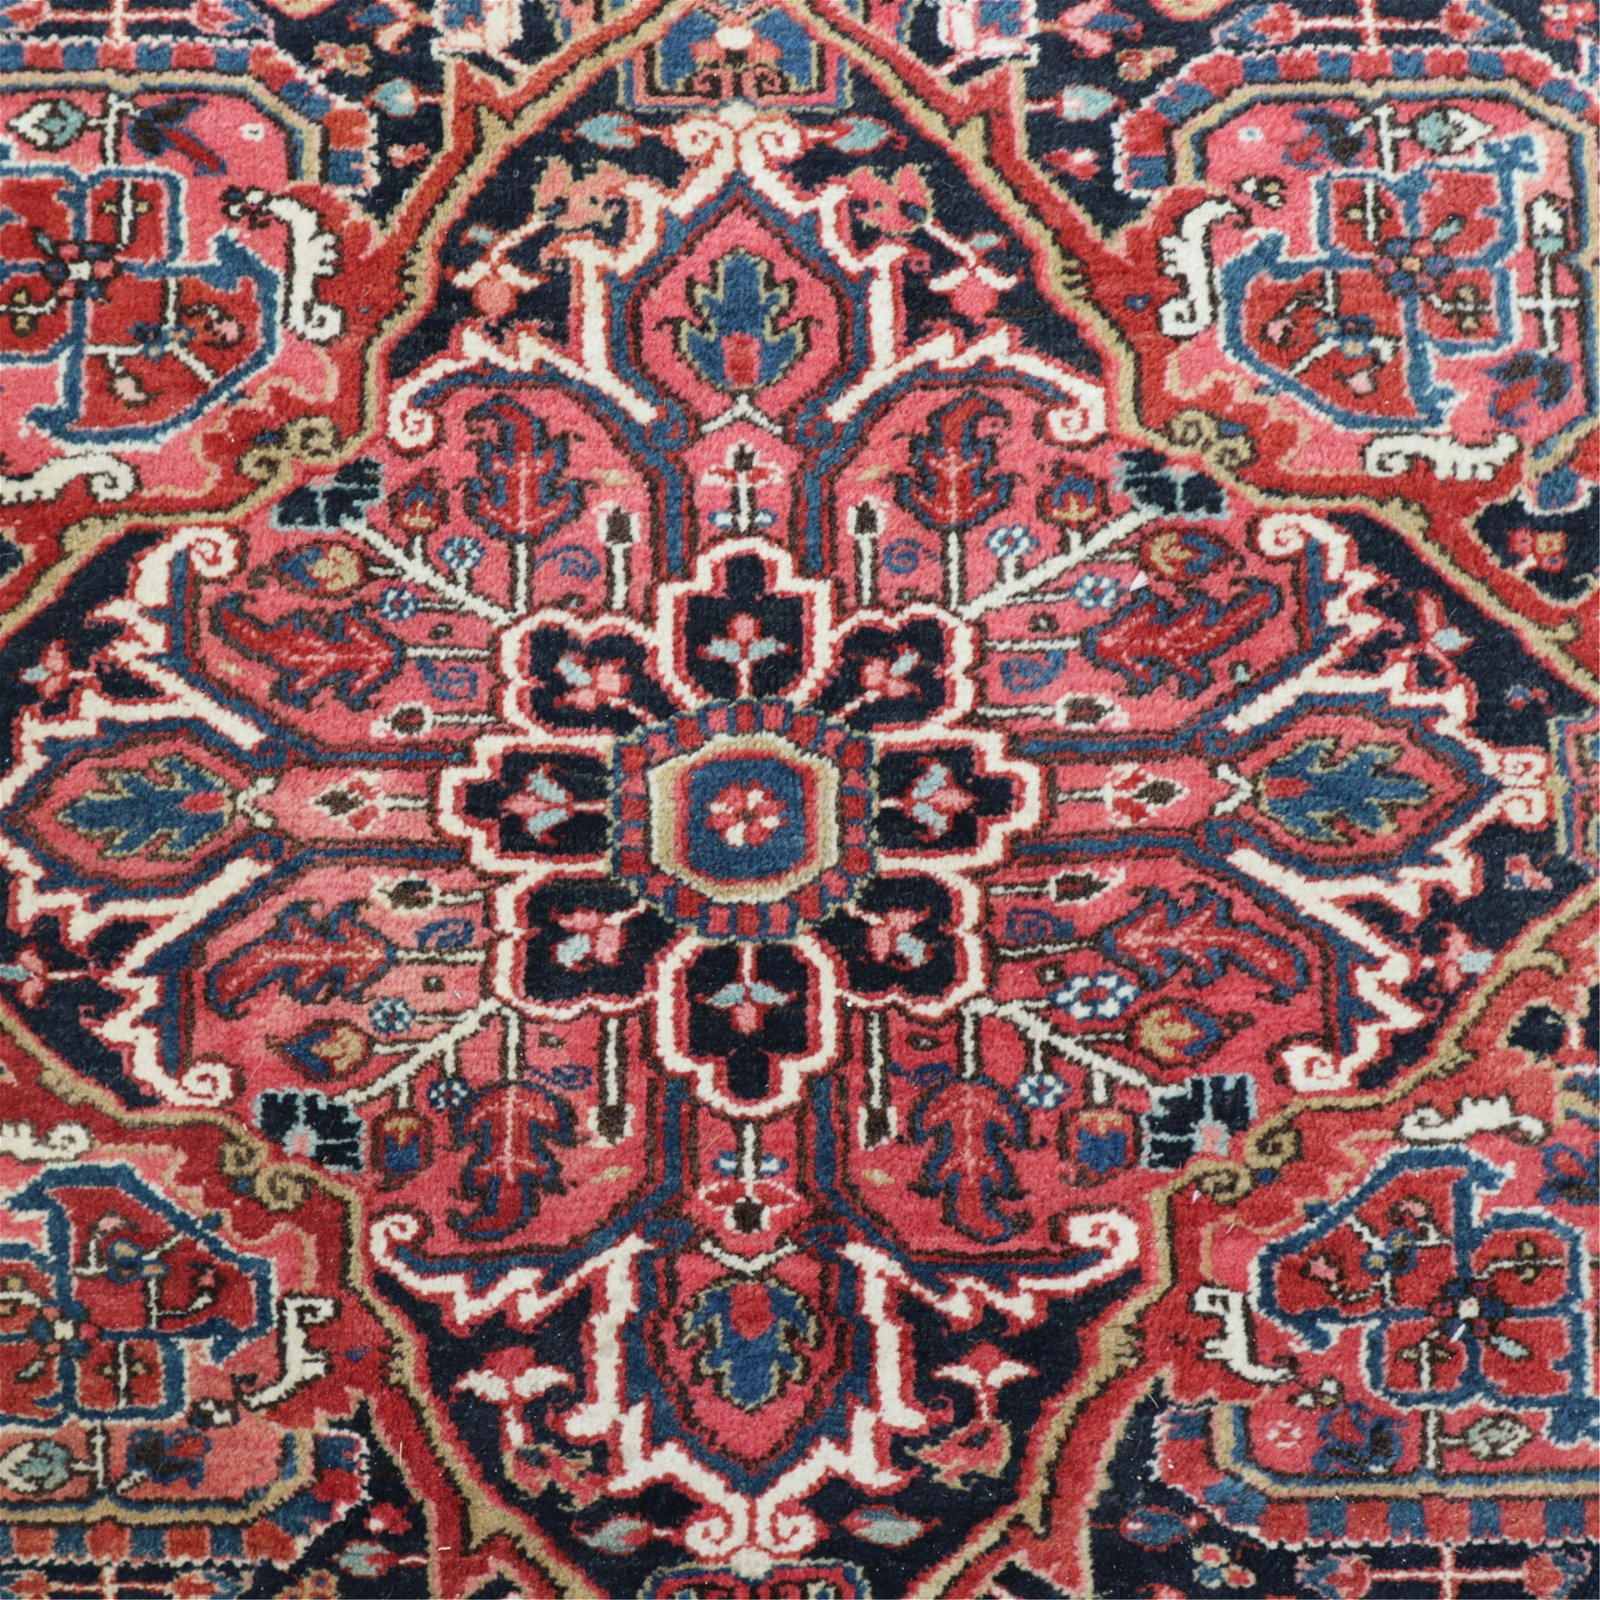 Vintage Heriz Wool Carpet - 8 x 12